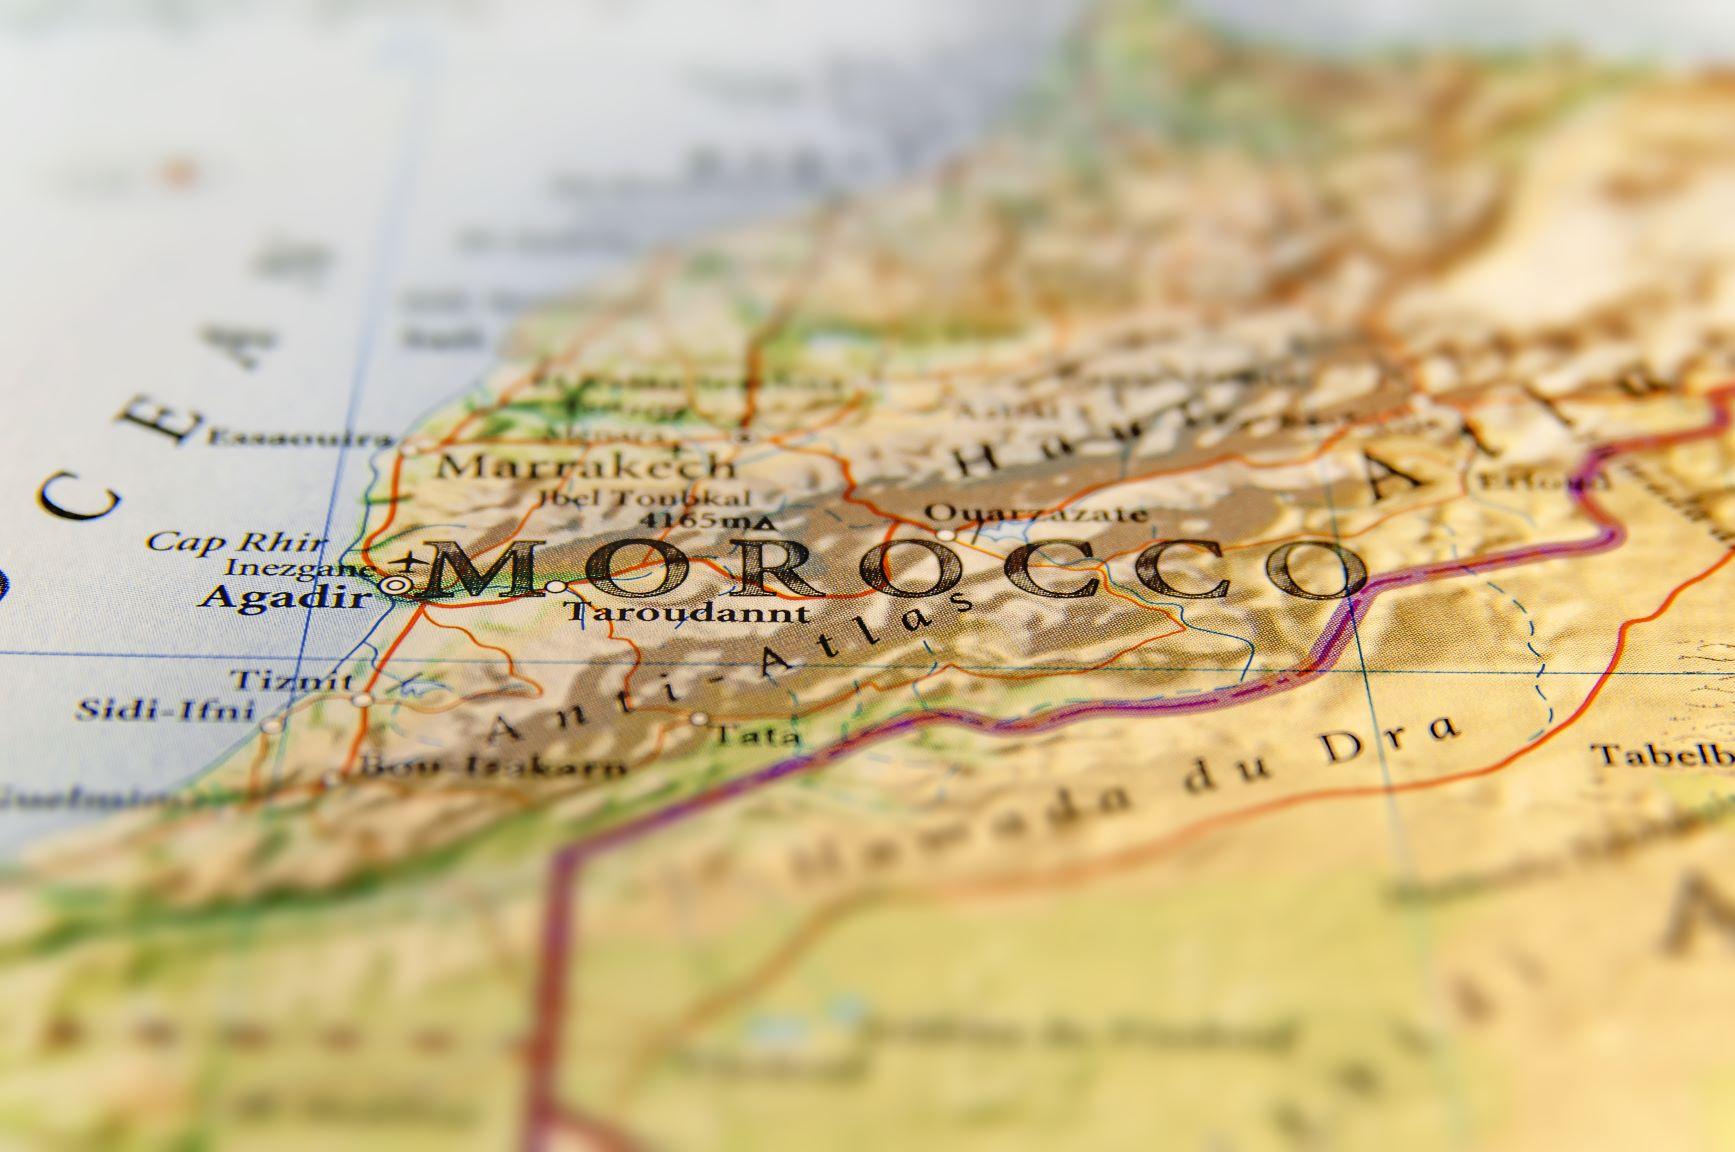 Morocco-US-Israel-Western Sahara a diplomatic win but may ignite Polisario war